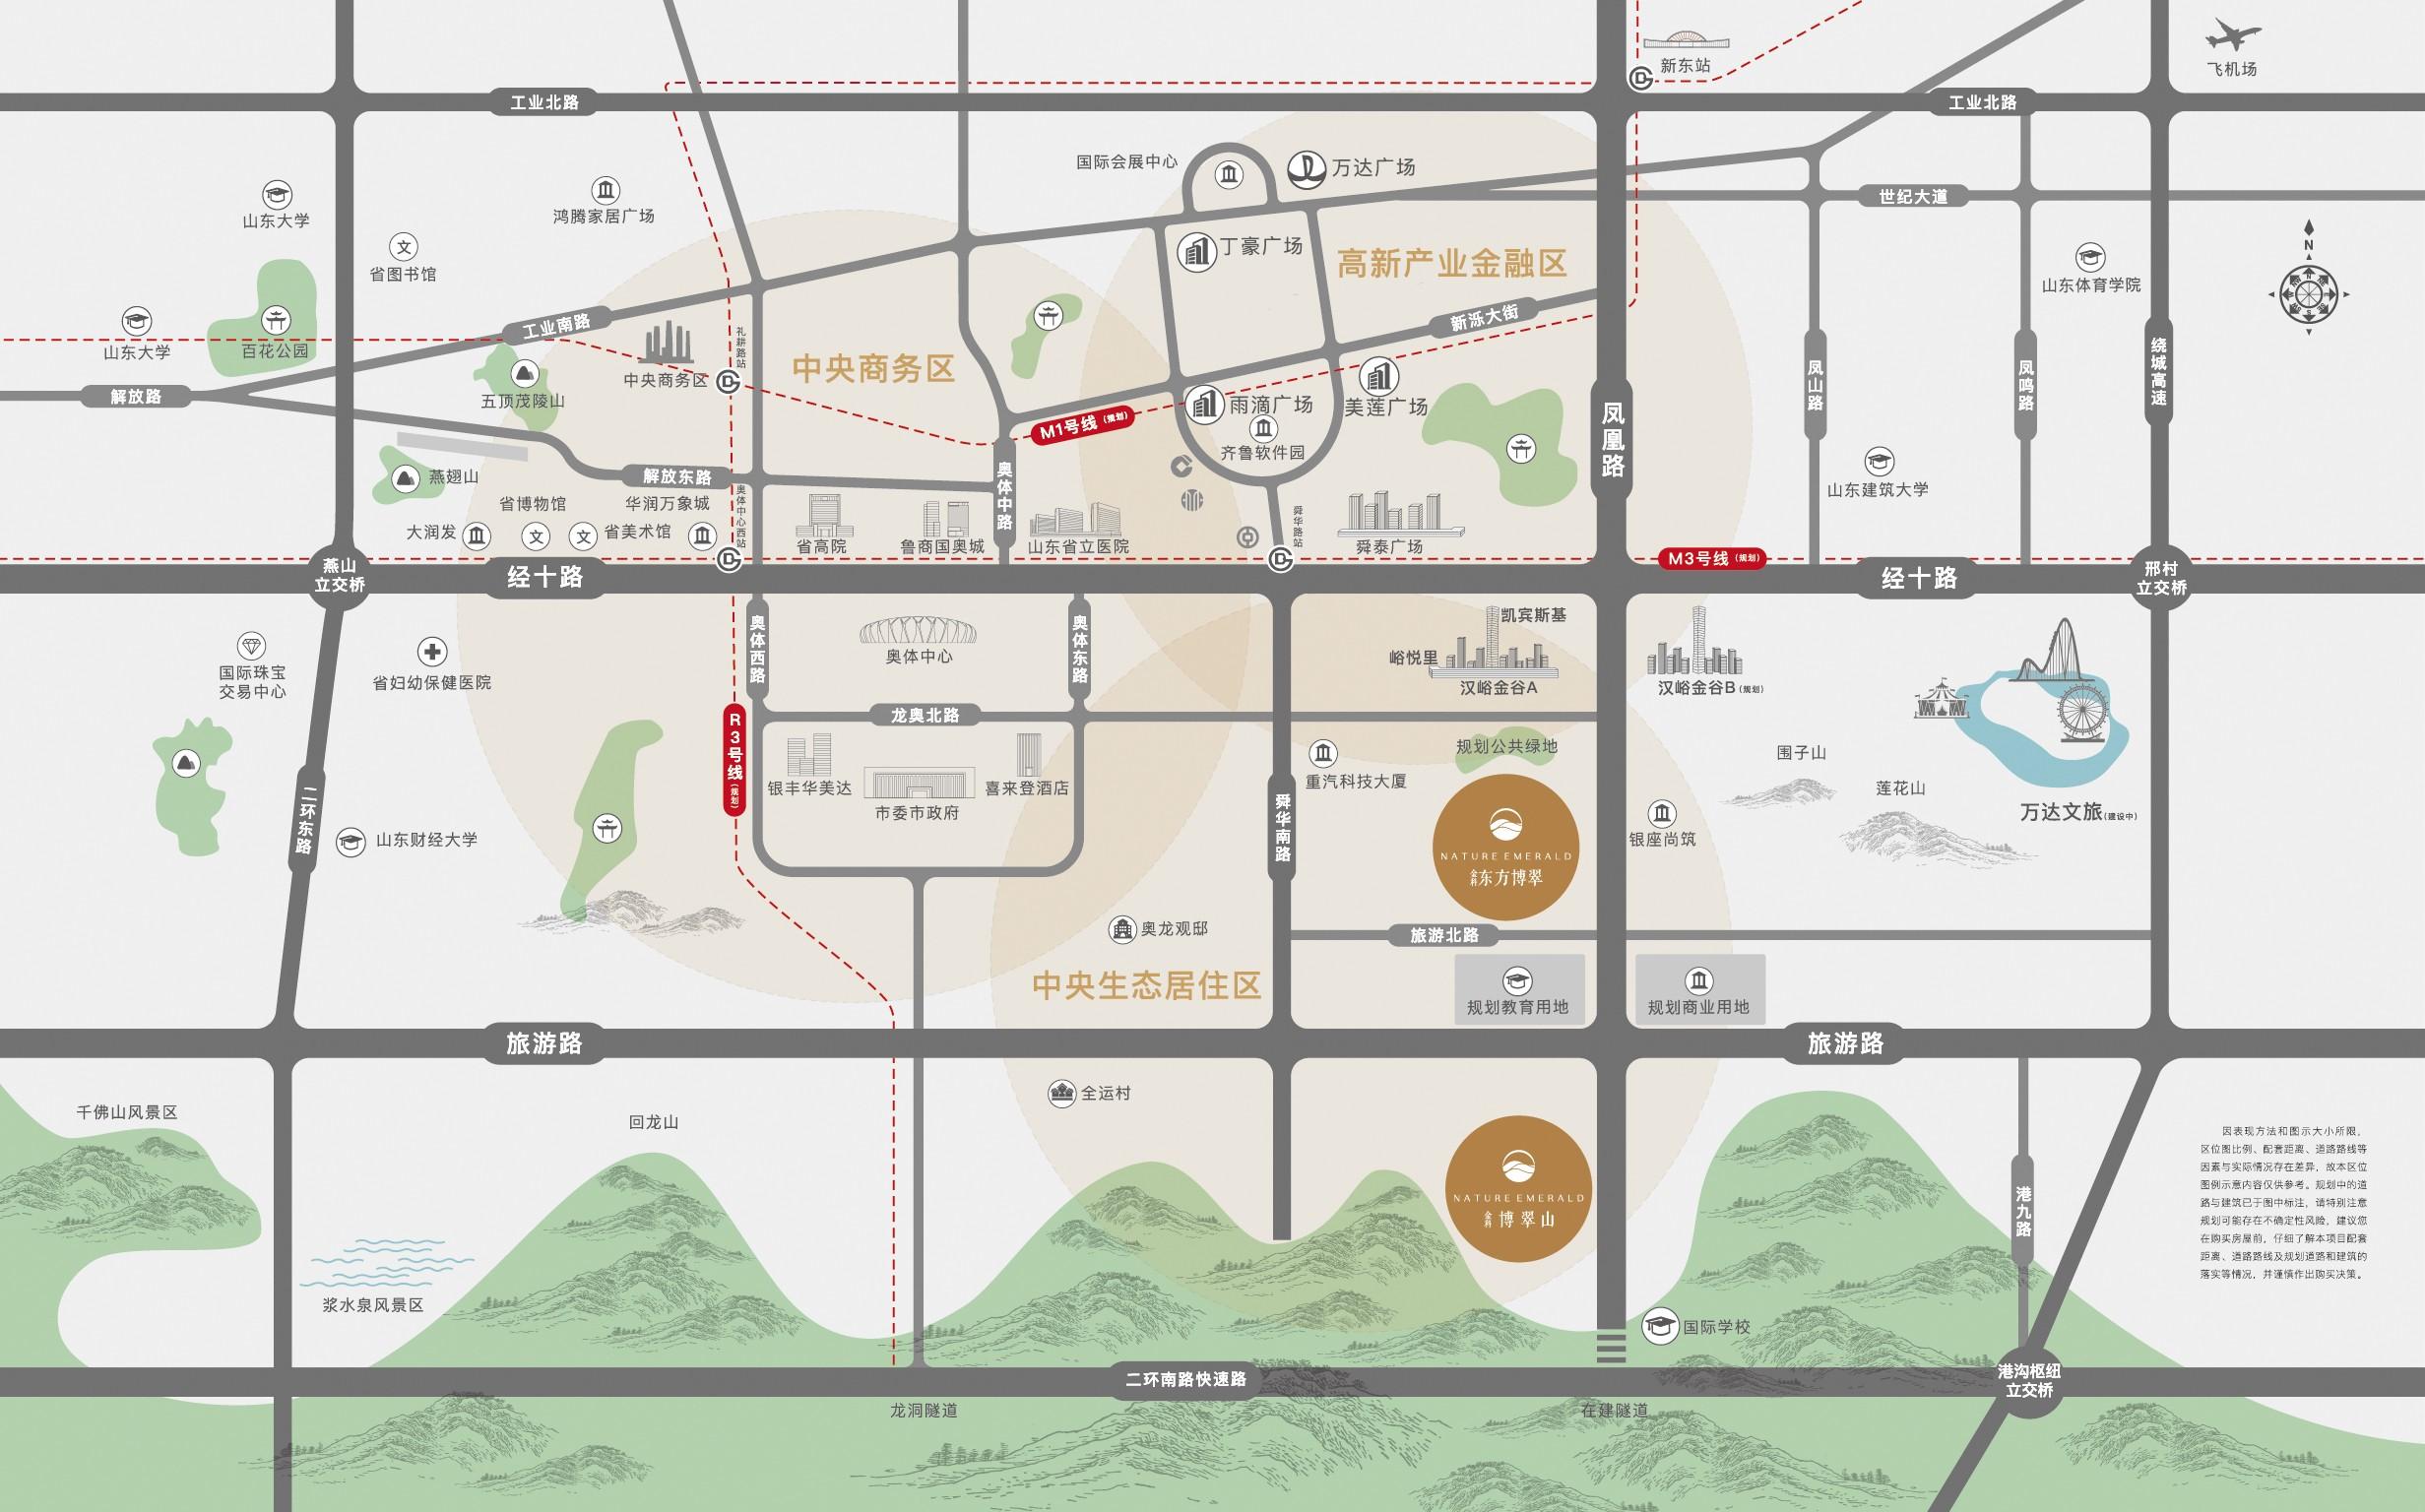 金科·东方博翠位置图